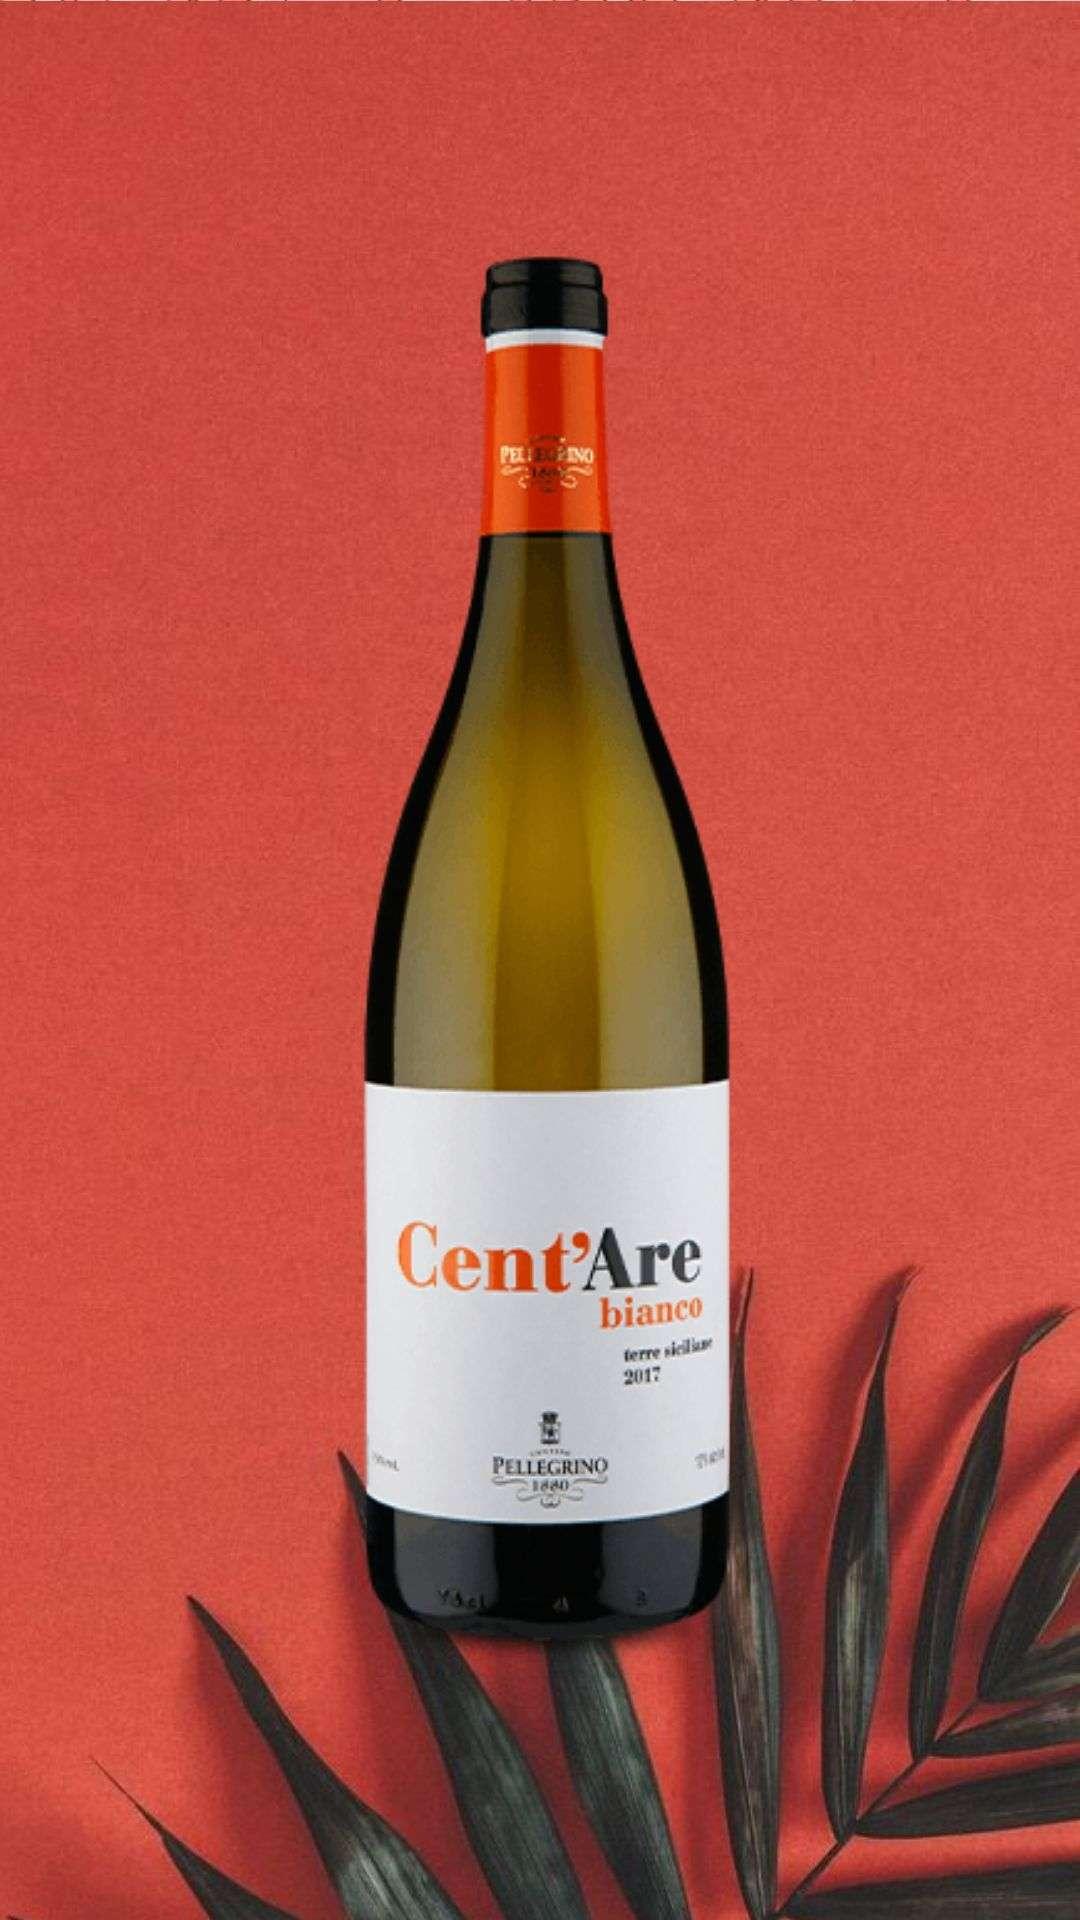 CentAre I.G.P. Terre Siciliane Bianco 2017